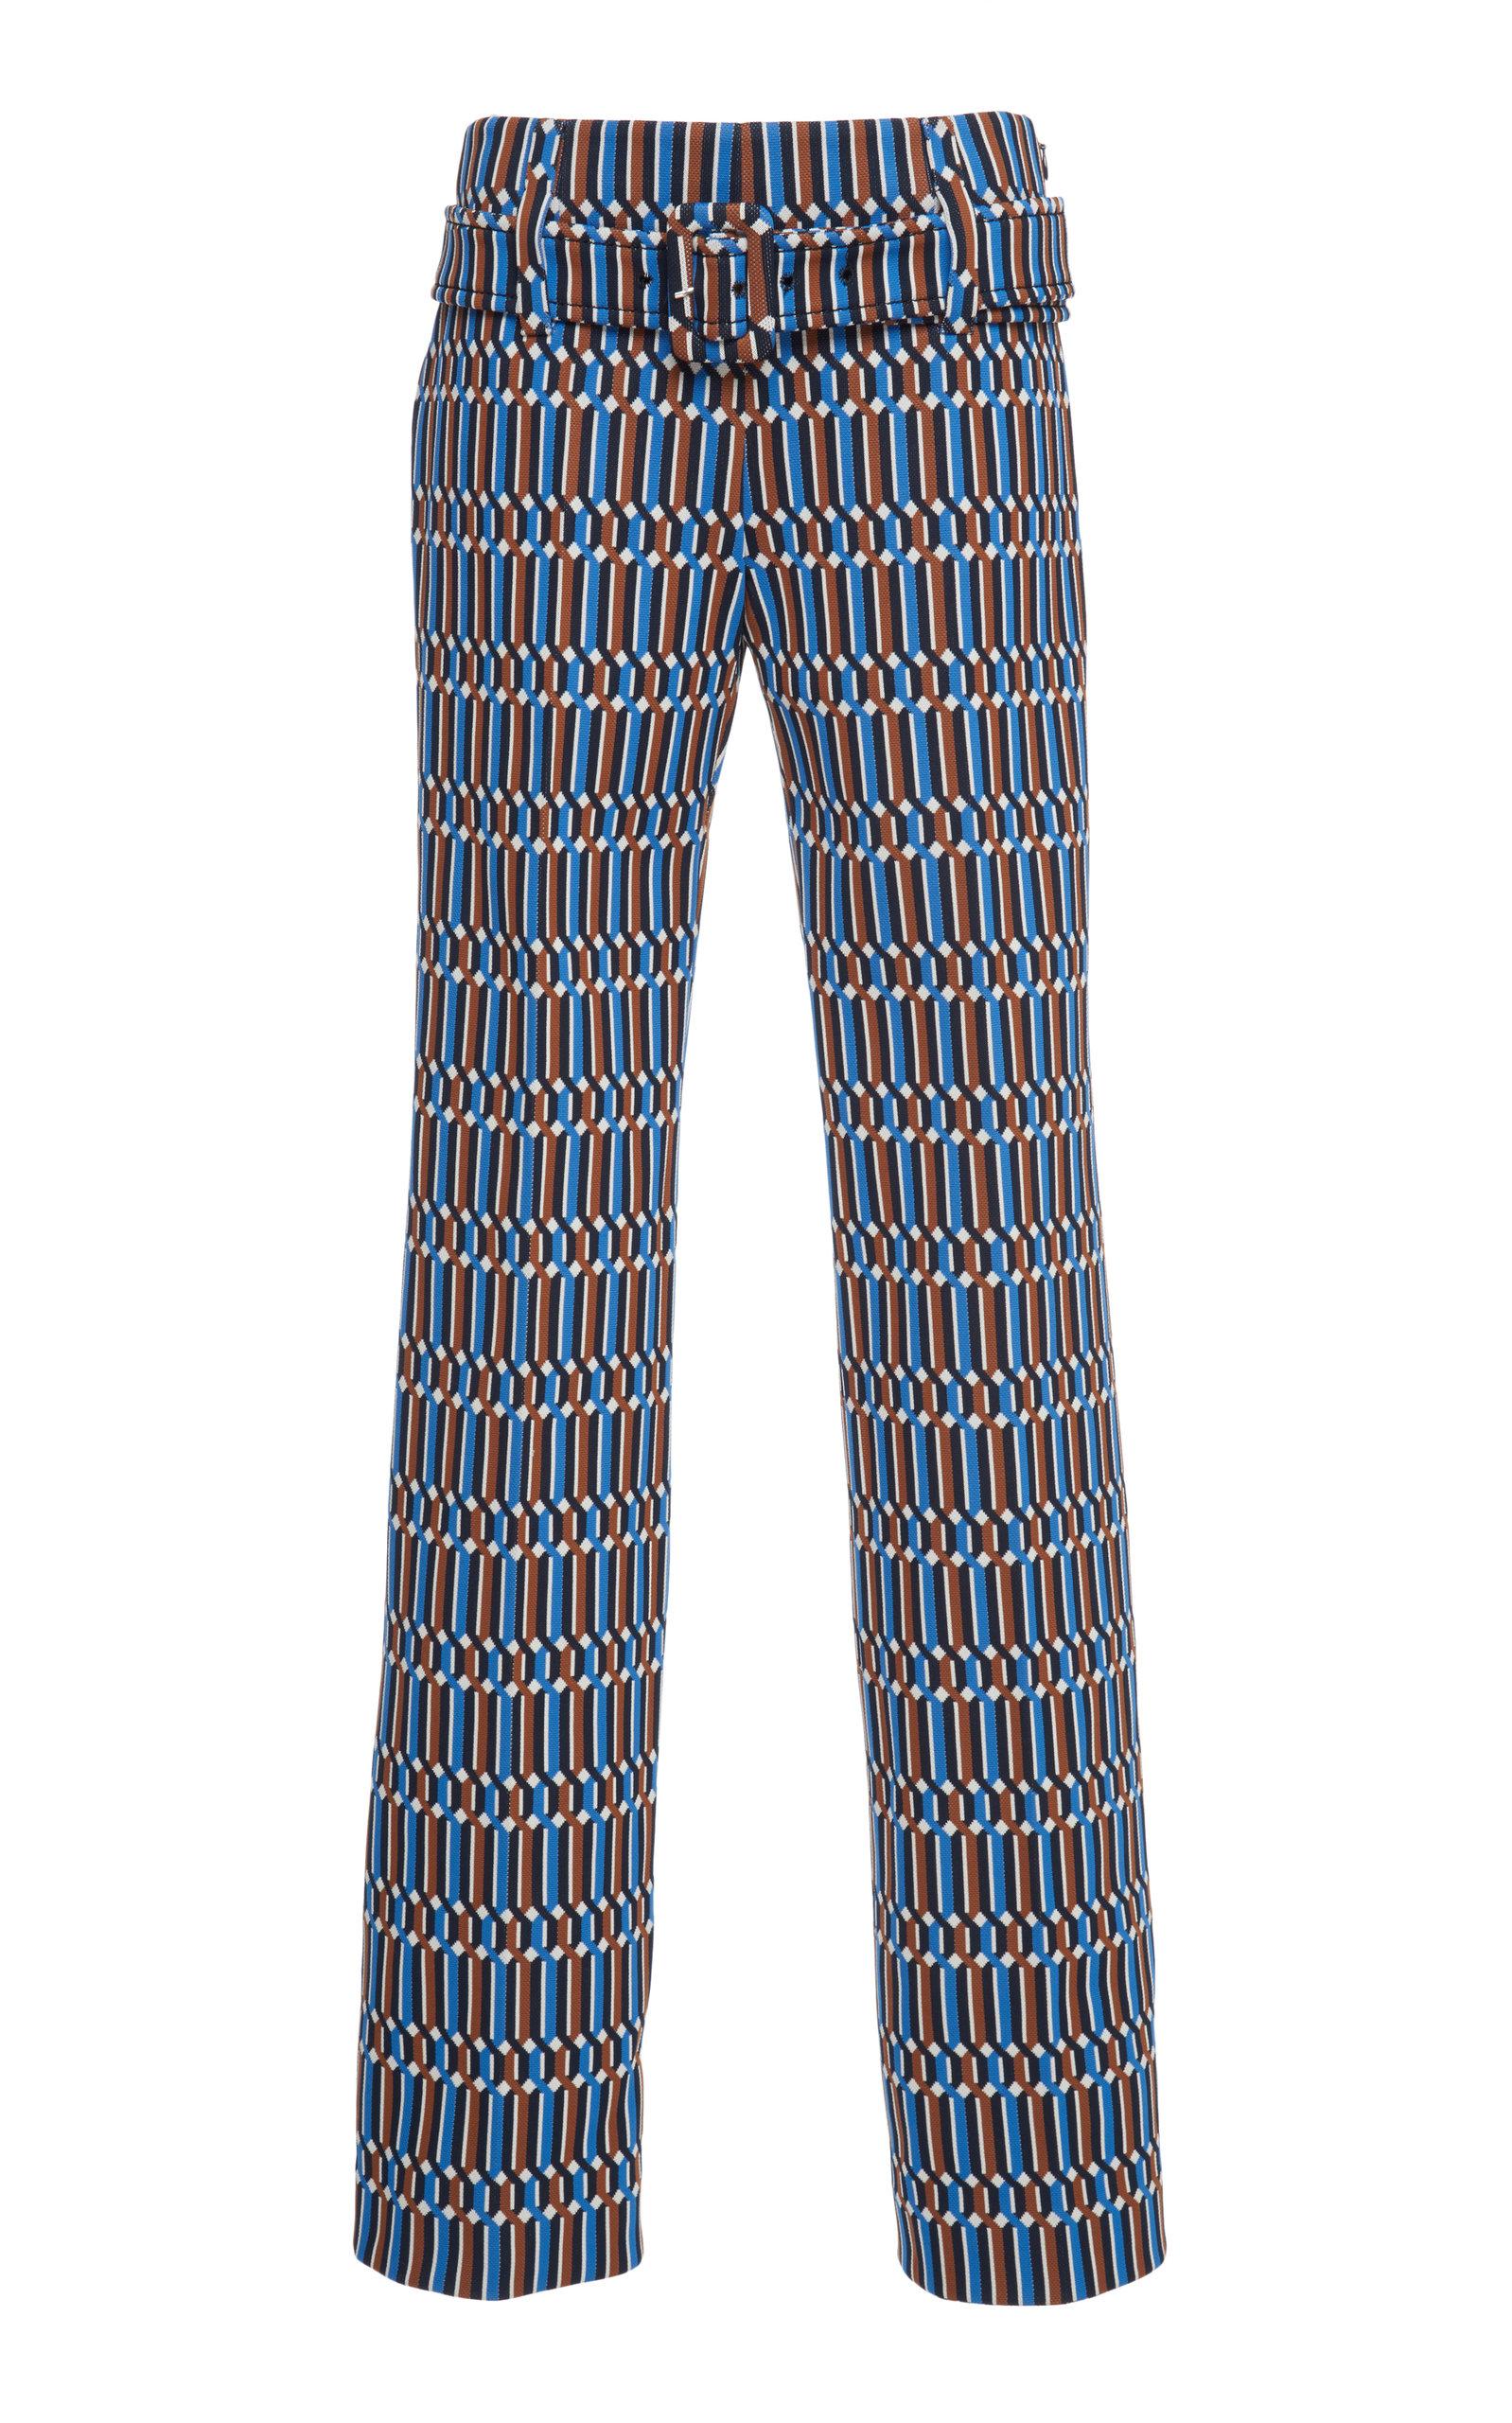 PRADA | Prada Belted Printed Straight-Leg Pants | Goxip